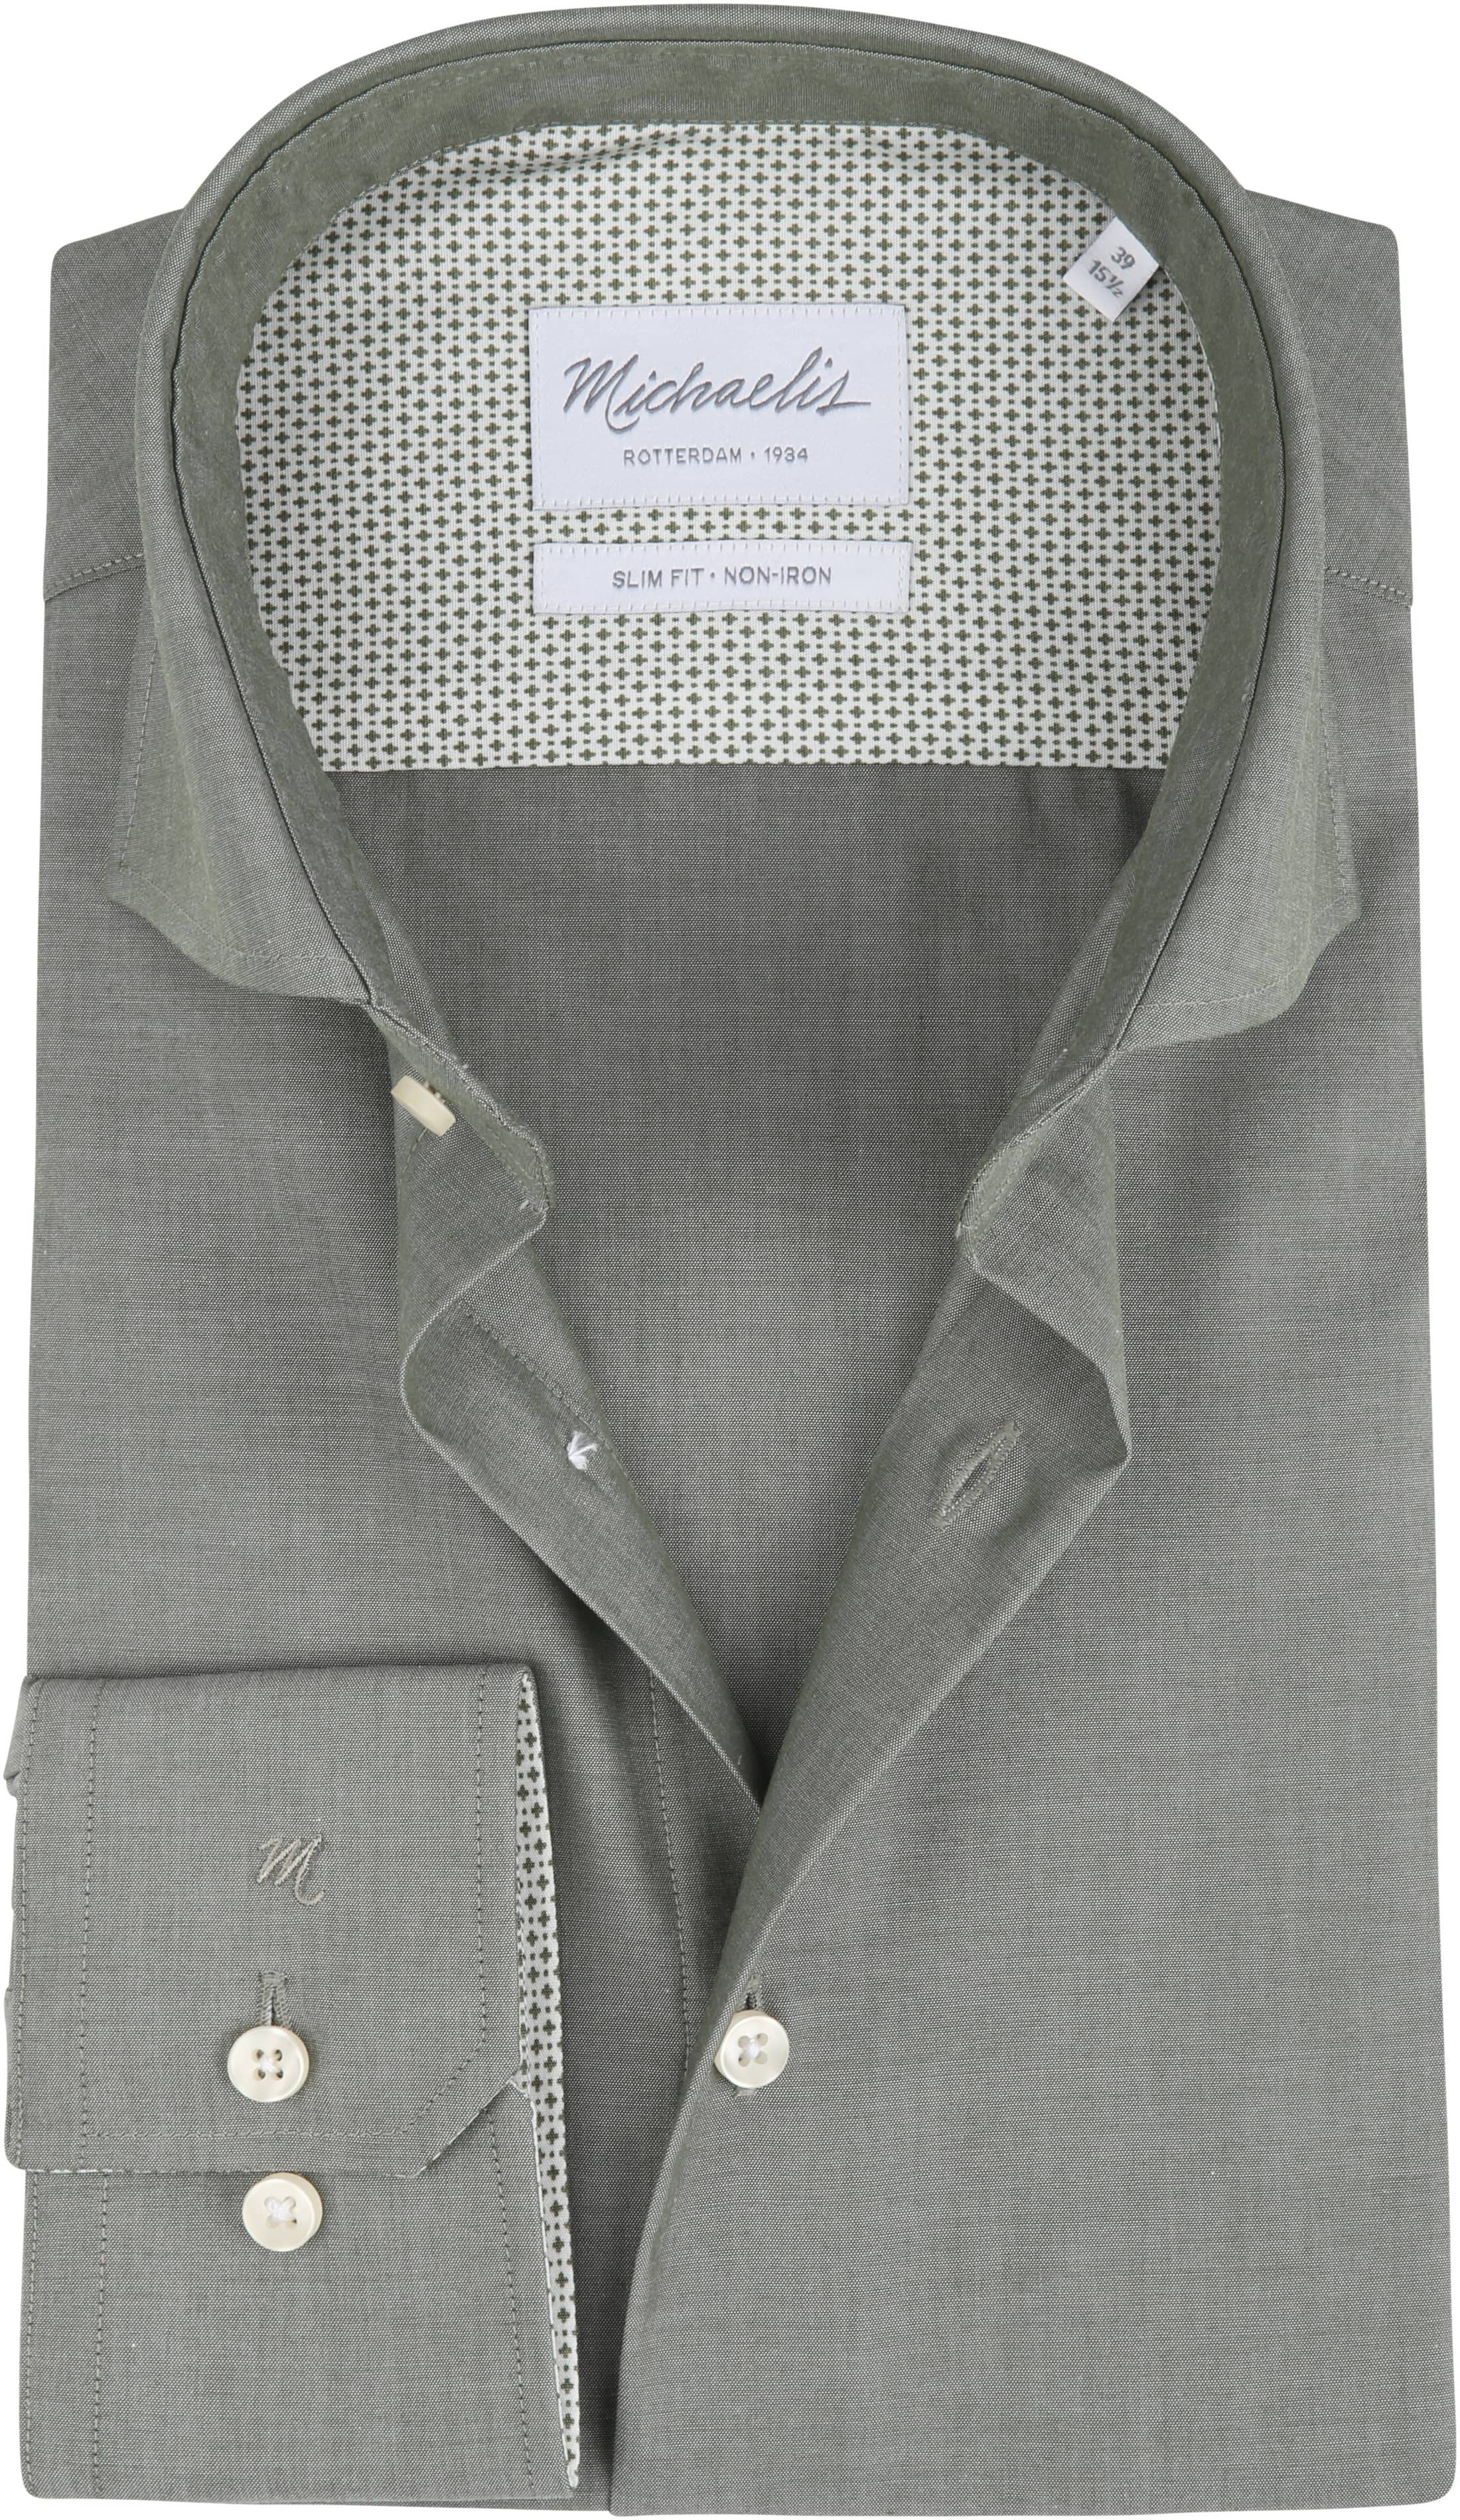 Overhemd Strijkvrij Slim Fit.Michaelis Overhemd Strijkvrij Uni Groen Pmph30006 Online Bestellen